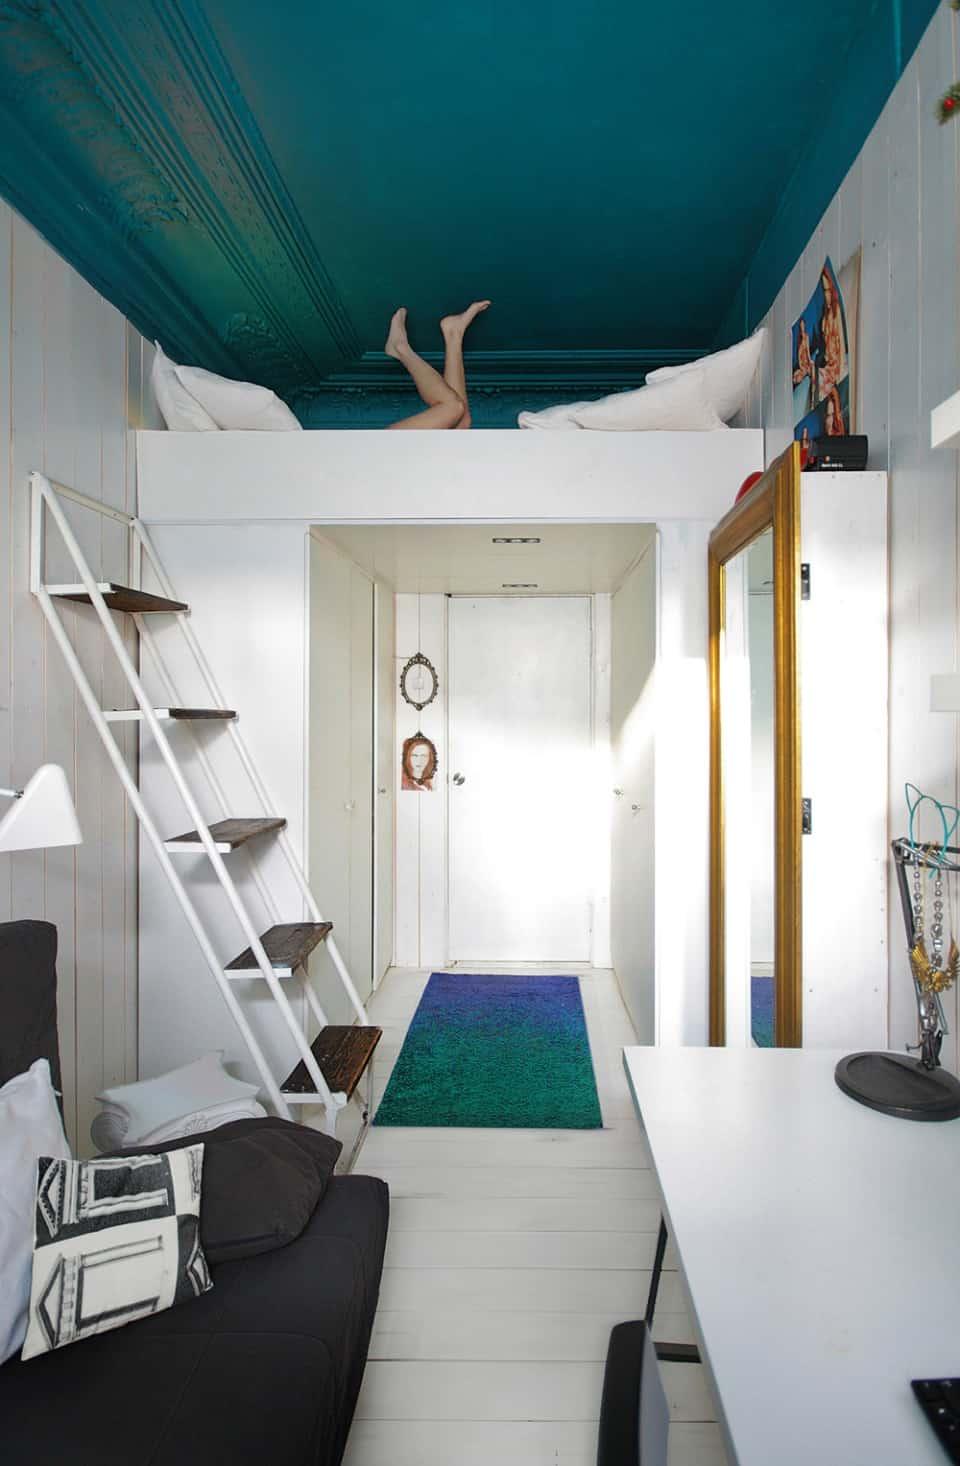 10-square-meter apartment